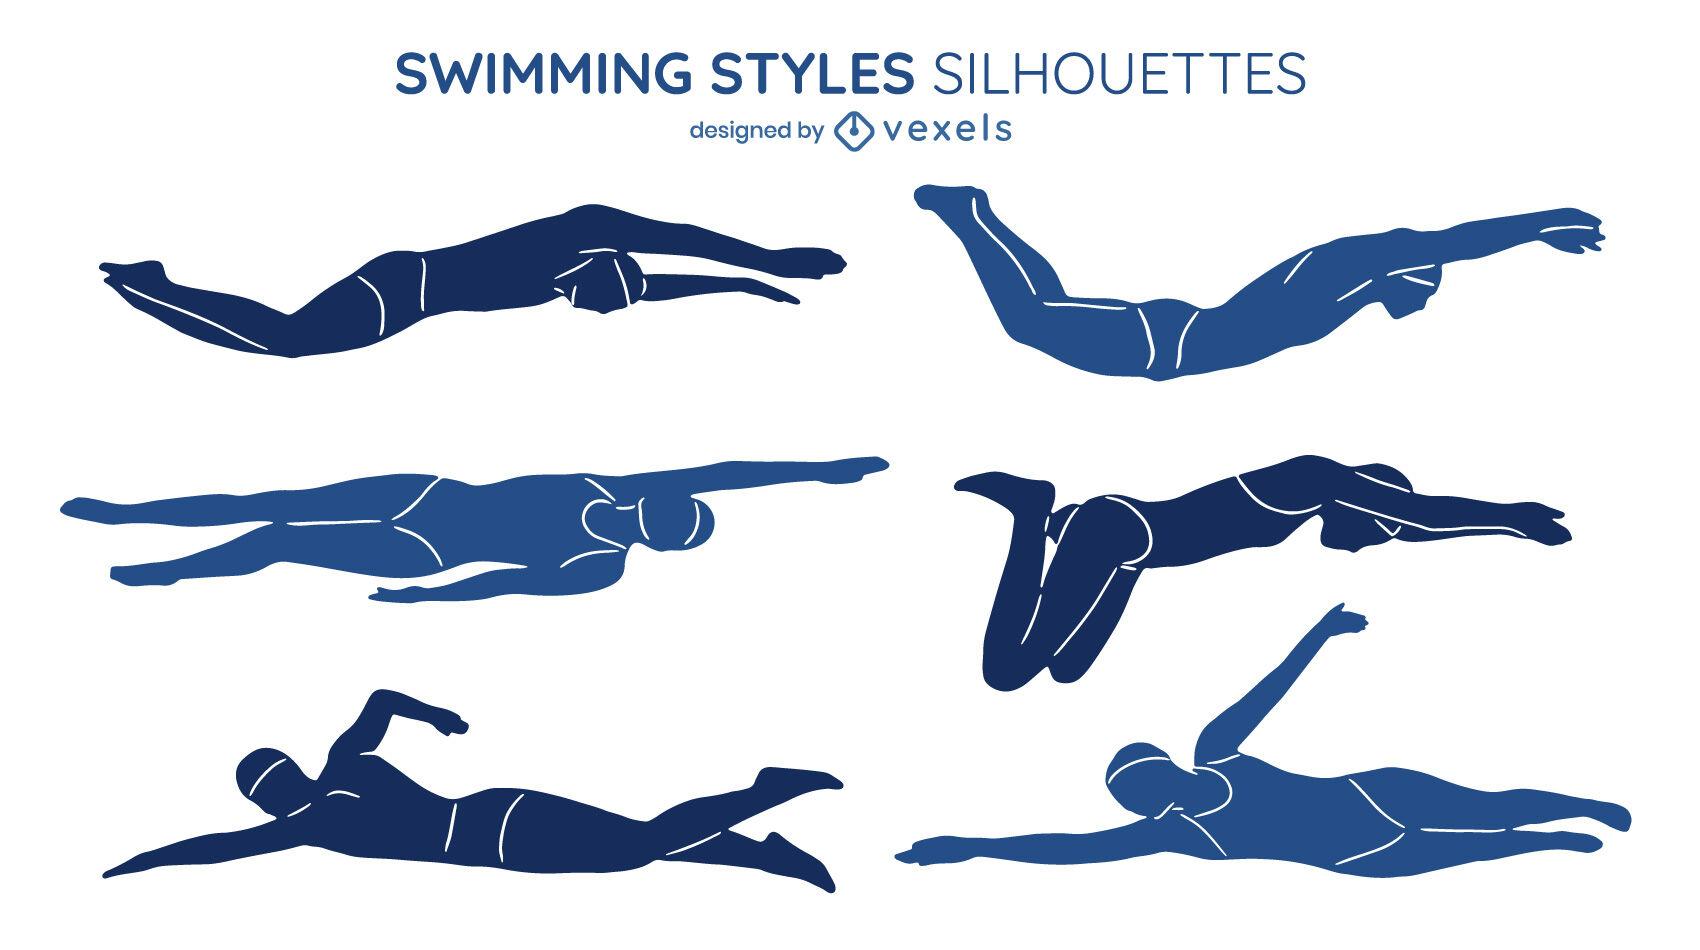 Conjunto de ilustraciones de estilos de natación recortadas